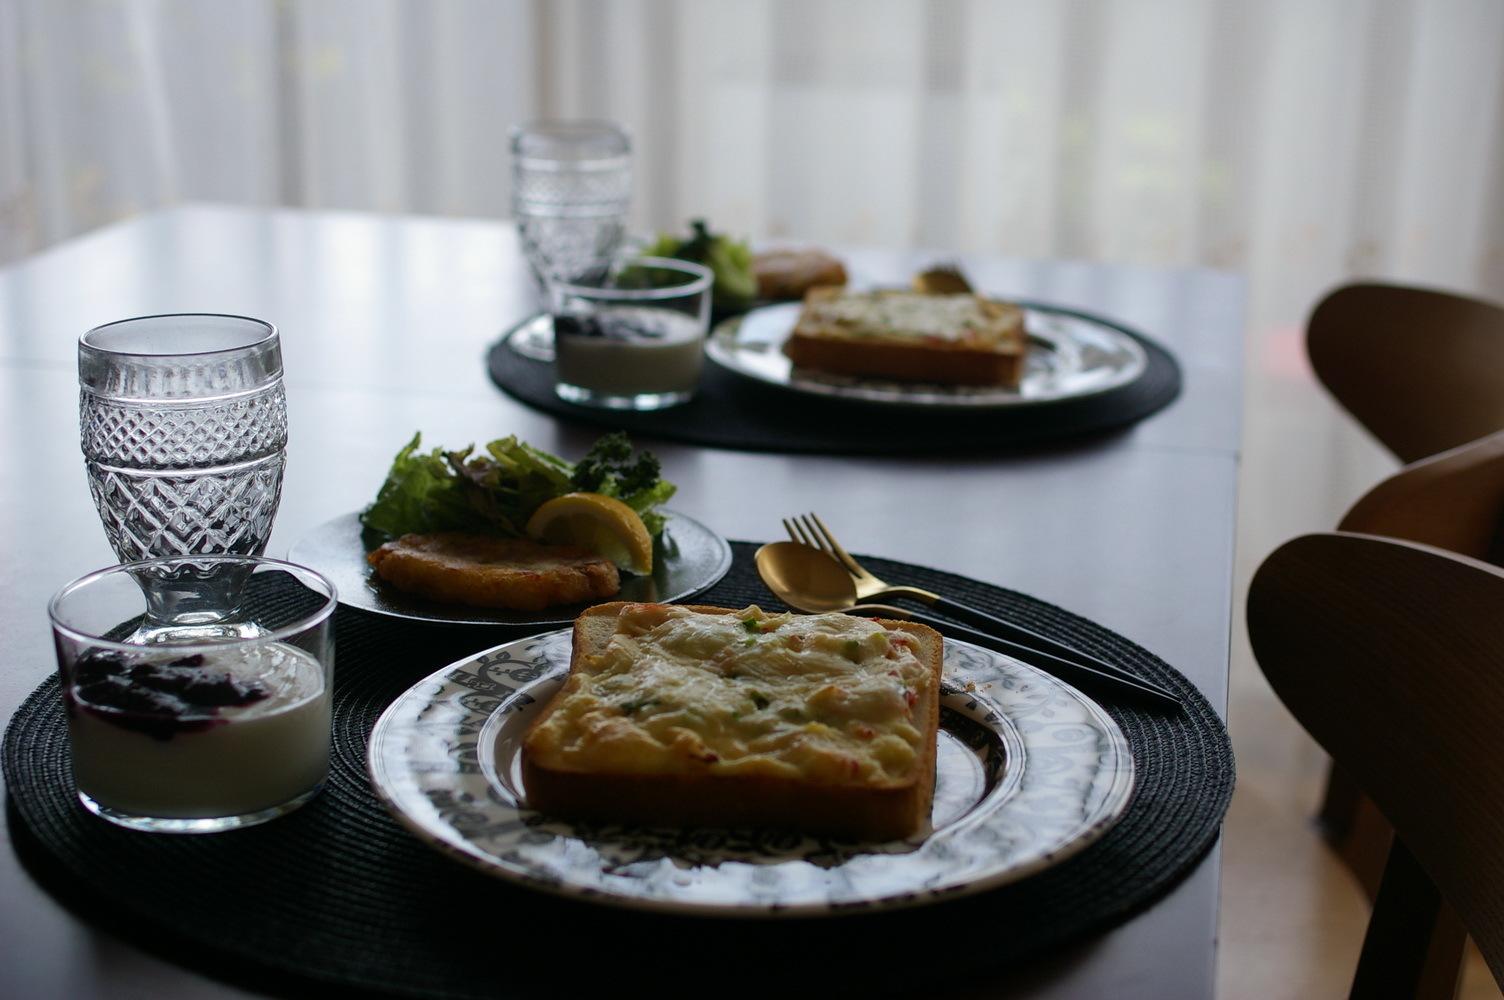 冷凍ピザパンと手作りハッシュドポテト_d0327373_10374378.jpg